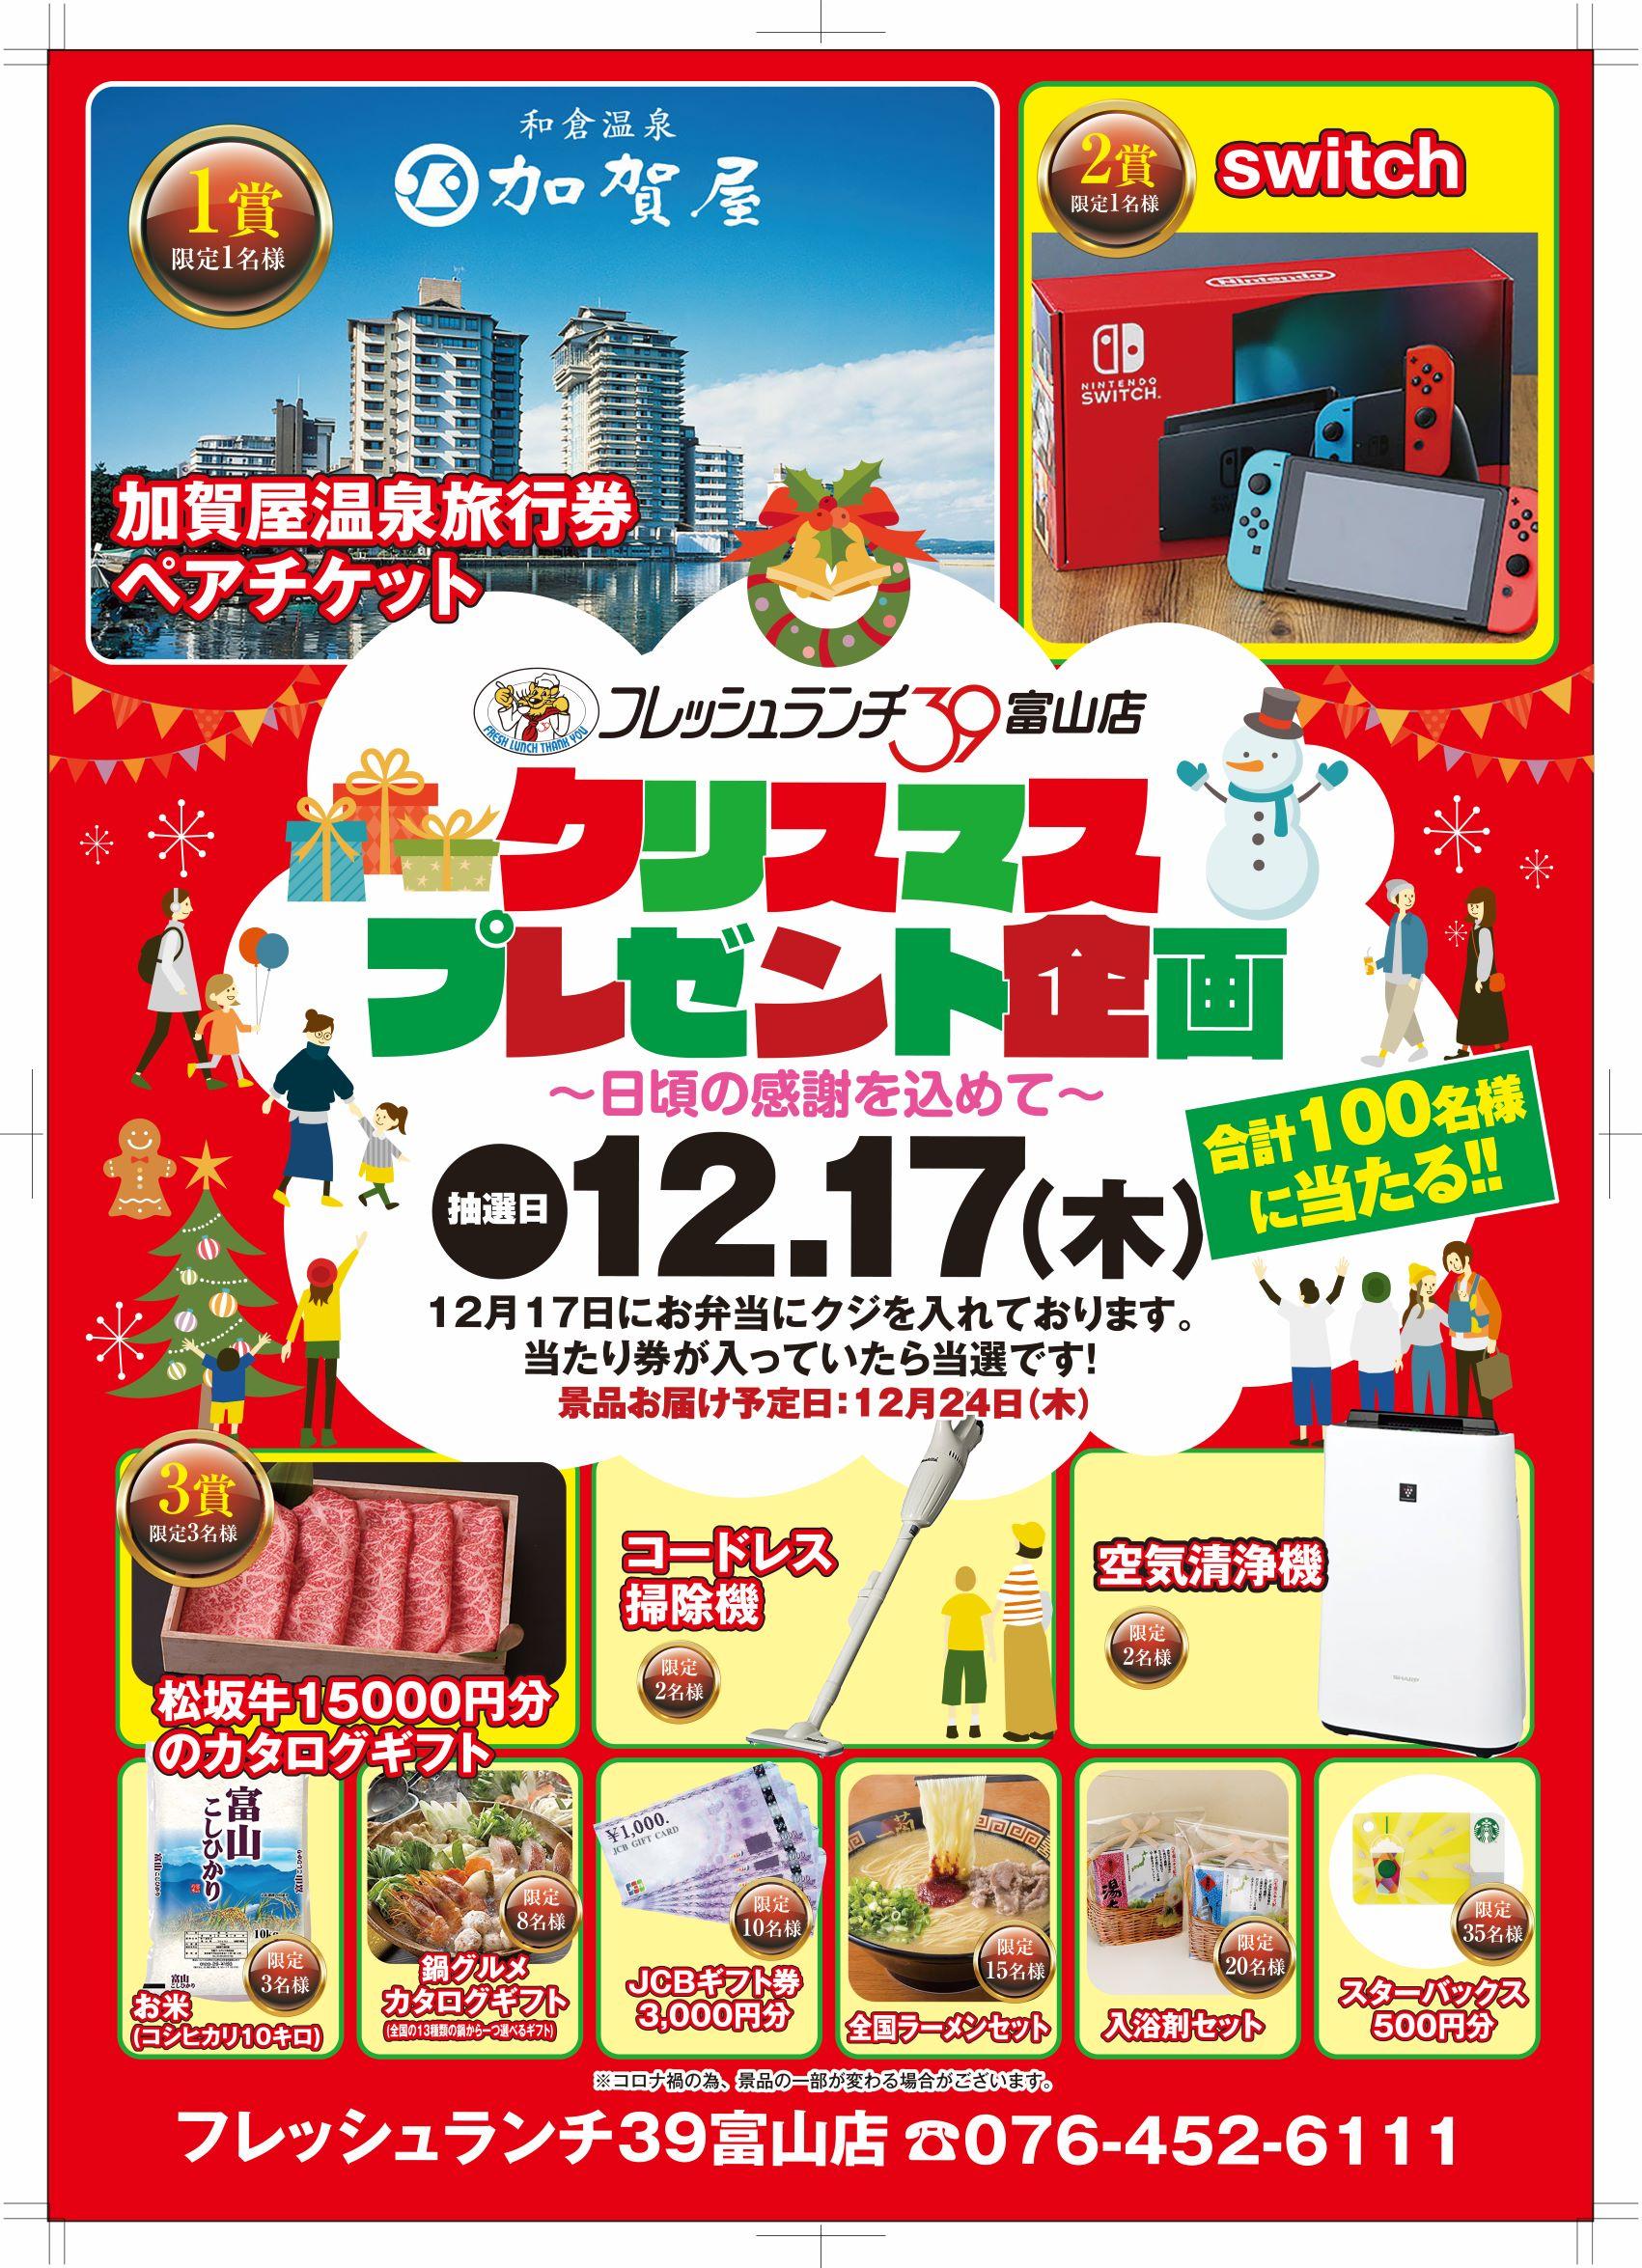 【100名様へ豪華プレゼントが当たる!!】 ~クリスマスプレゼント企画~